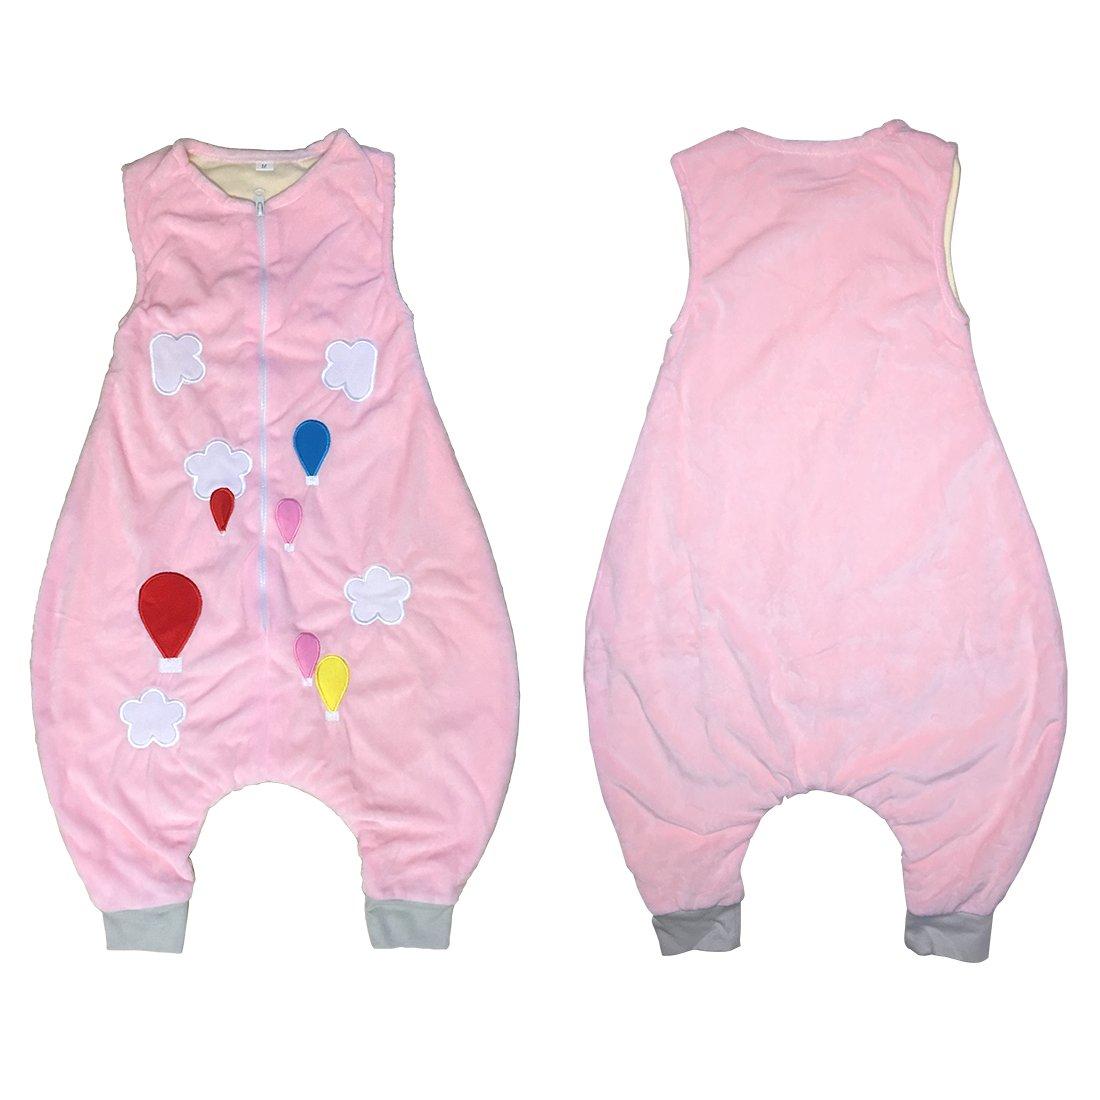 231813ae7 ZEEUAPI - Saco de dormir con piernas de franela para bebés niños infantíl  Ropa para dormir (L (5-6 años), Rosa-globo): Amazon.es: Hogar